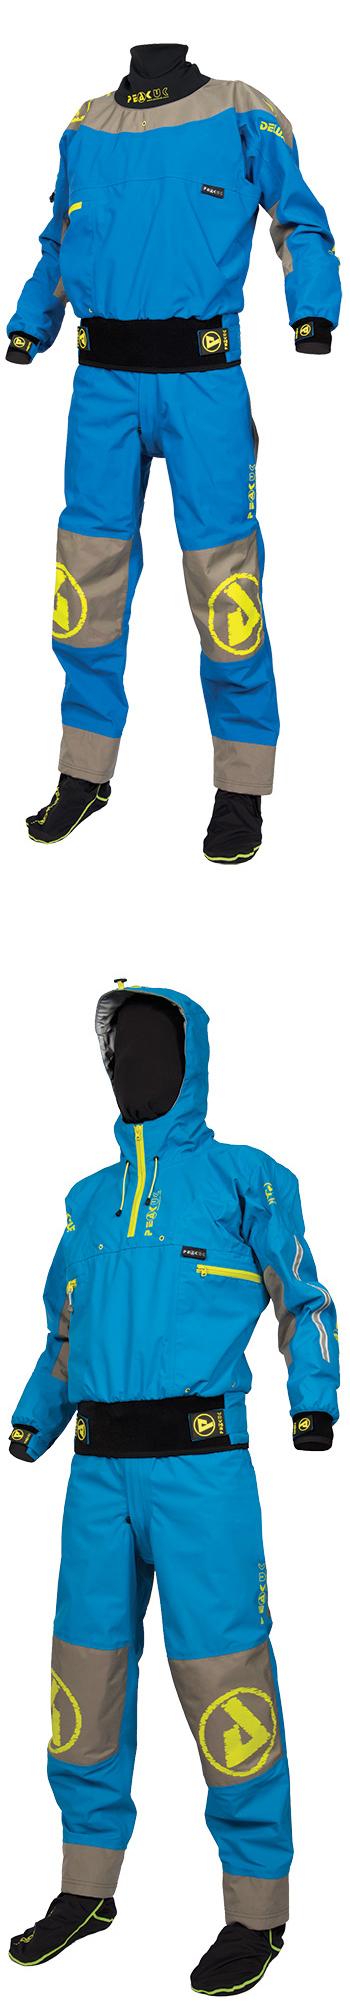 peak_suits